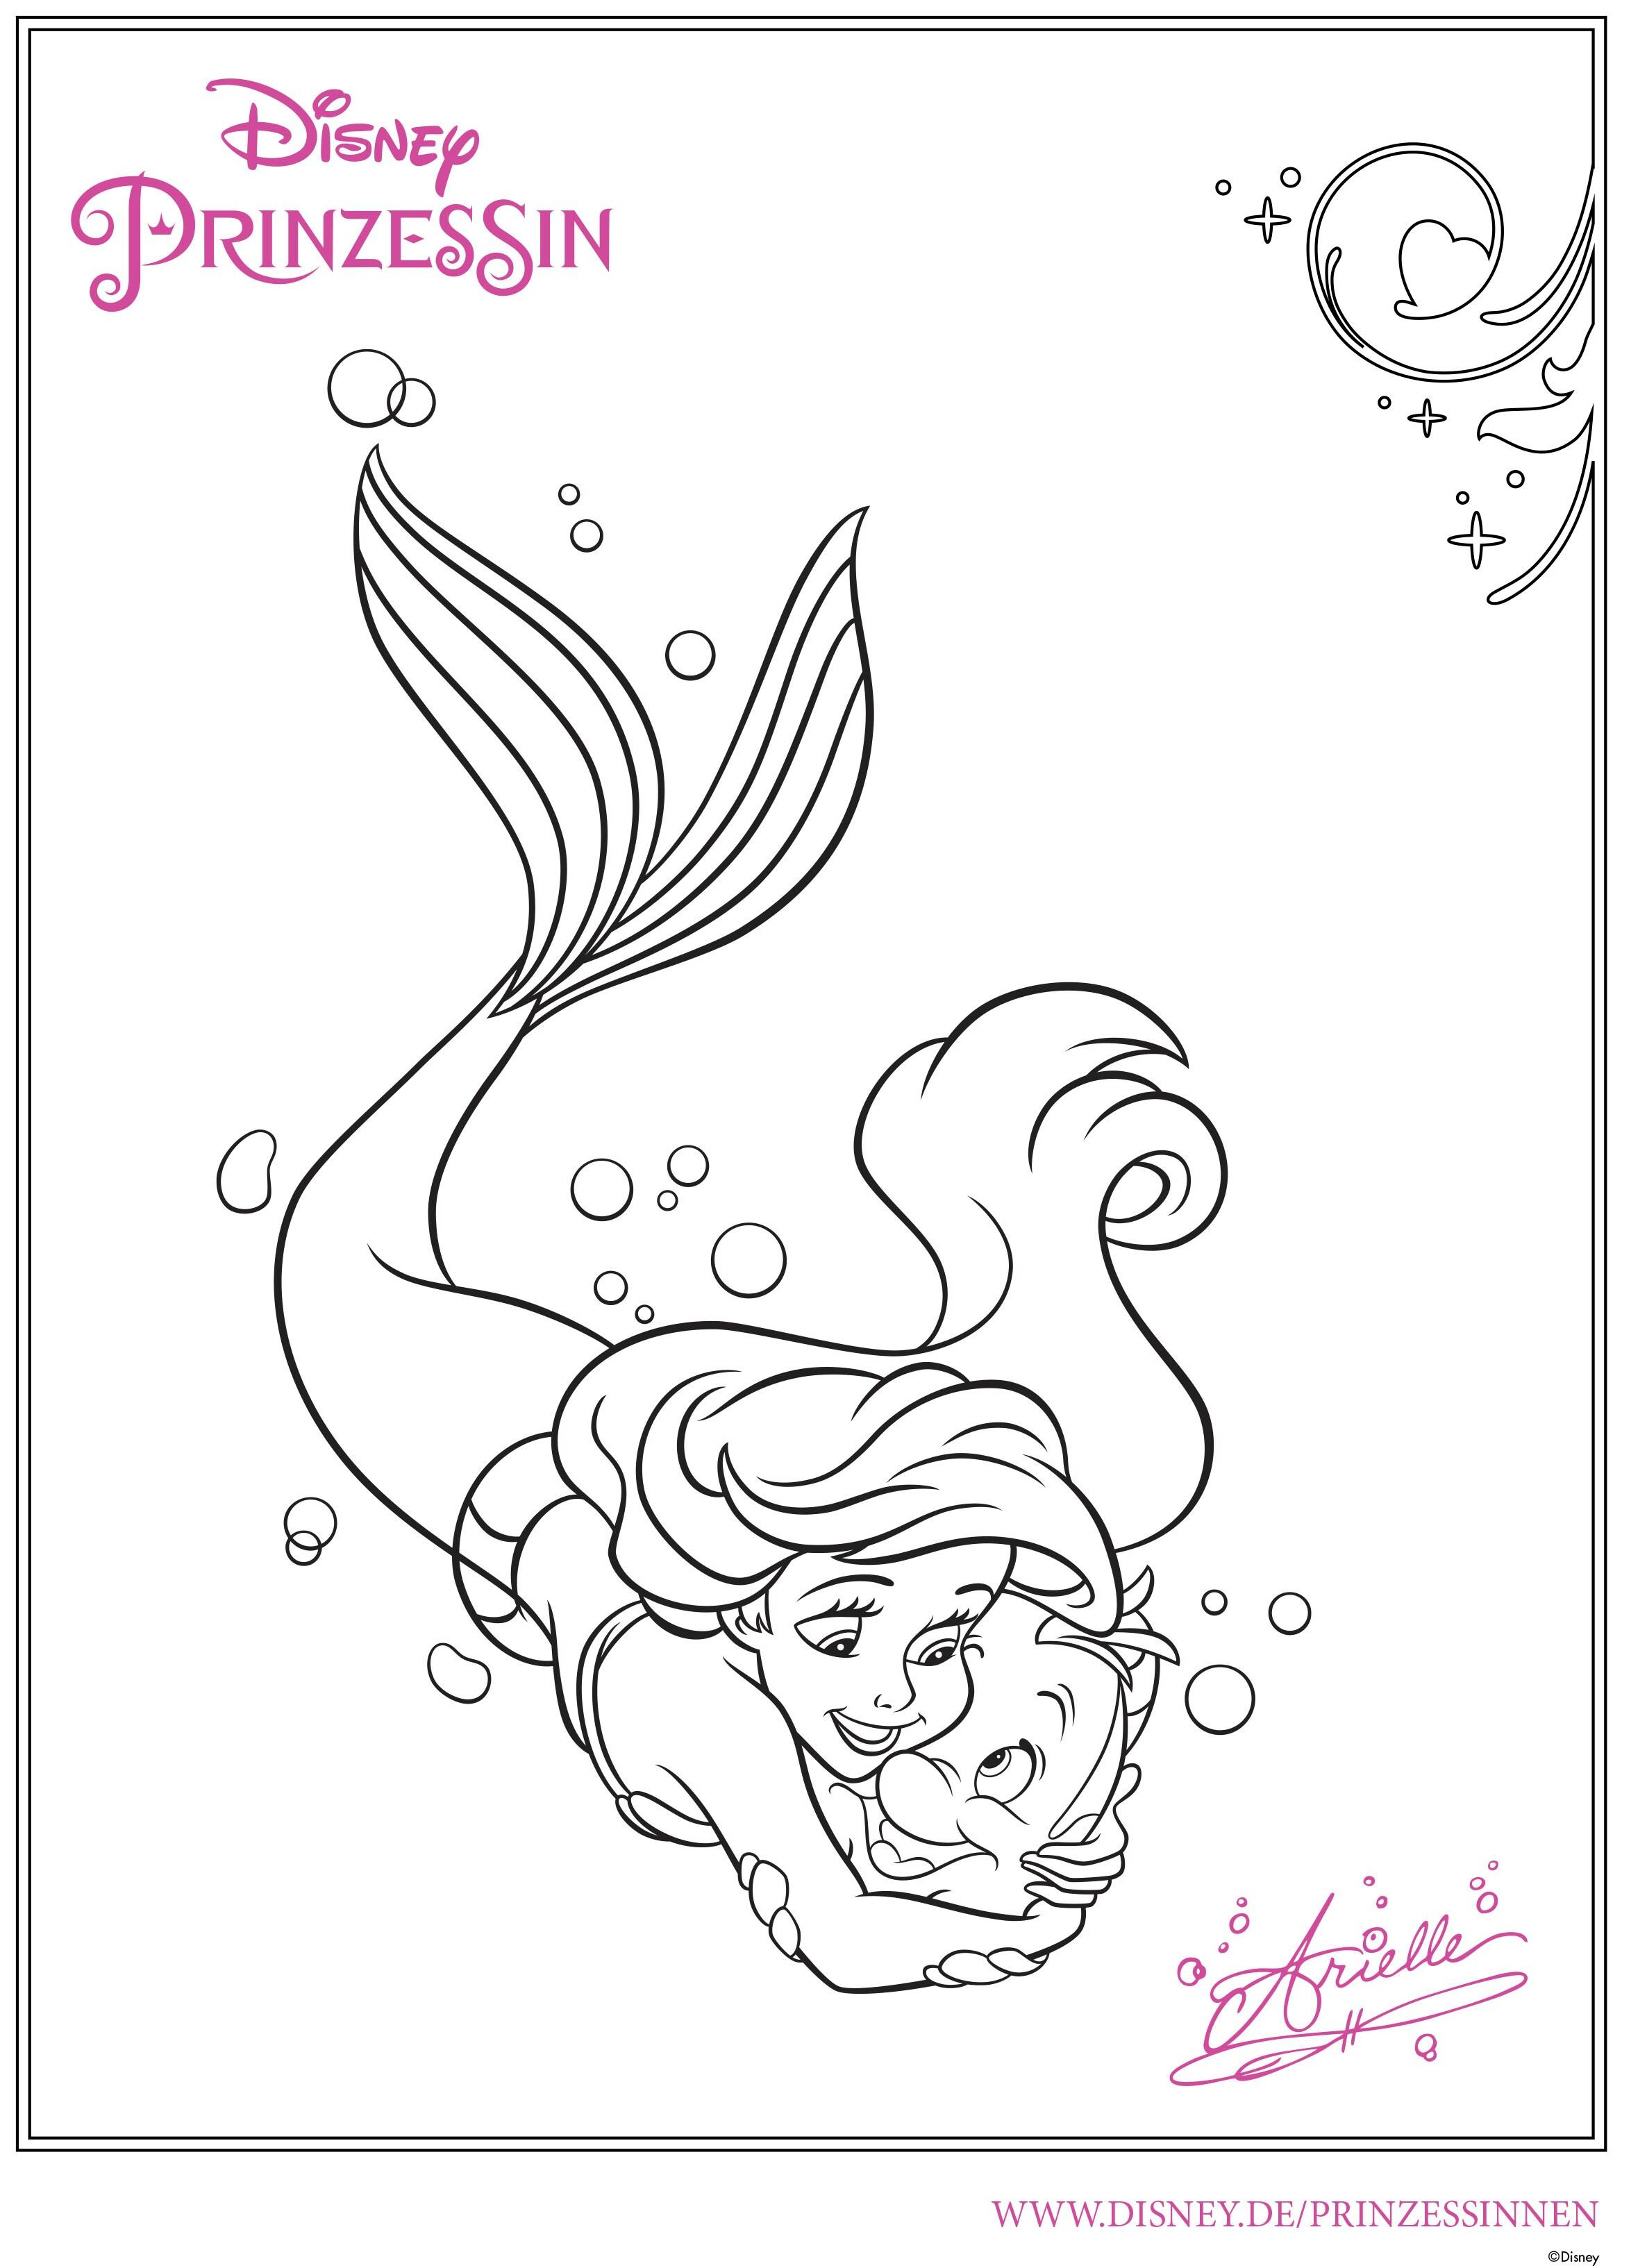 Disney Ausmalbilder Arielle : Ausgezeichnet Malvorlagen Disney Prinzessin Ariel Ideen